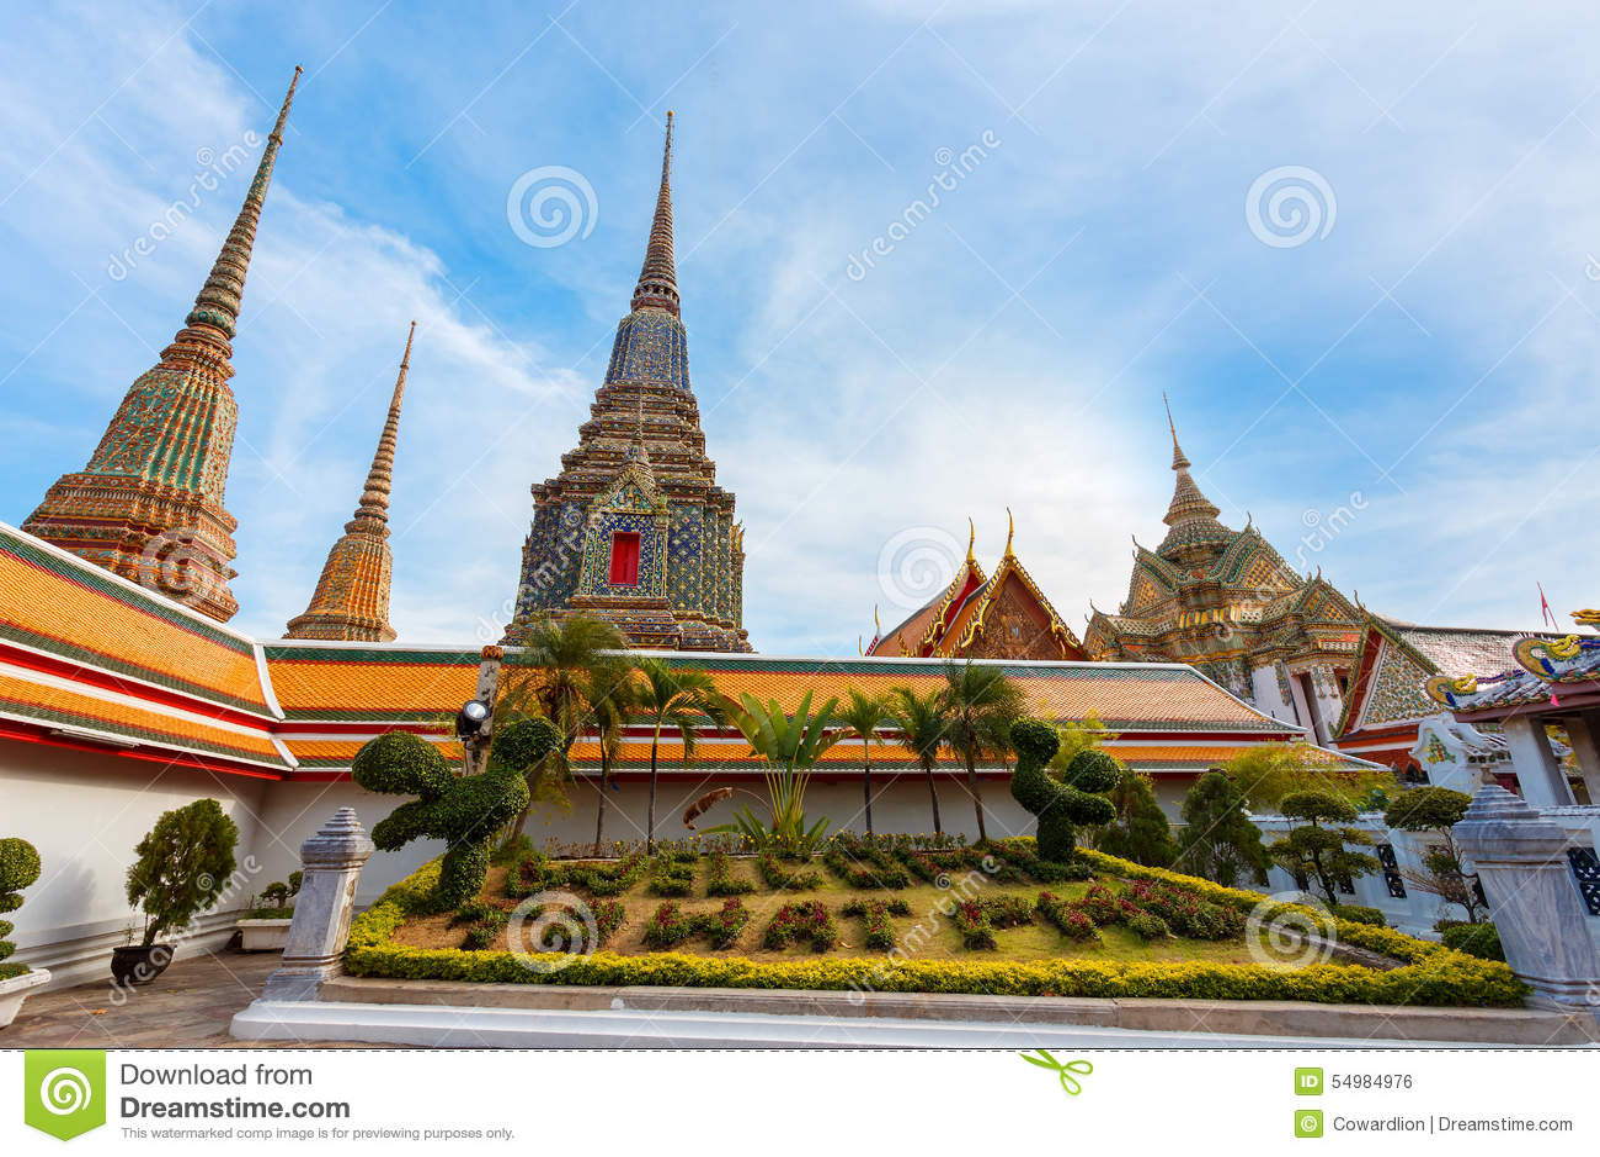 Wat Pho w Bangkok (Pho świątynia)